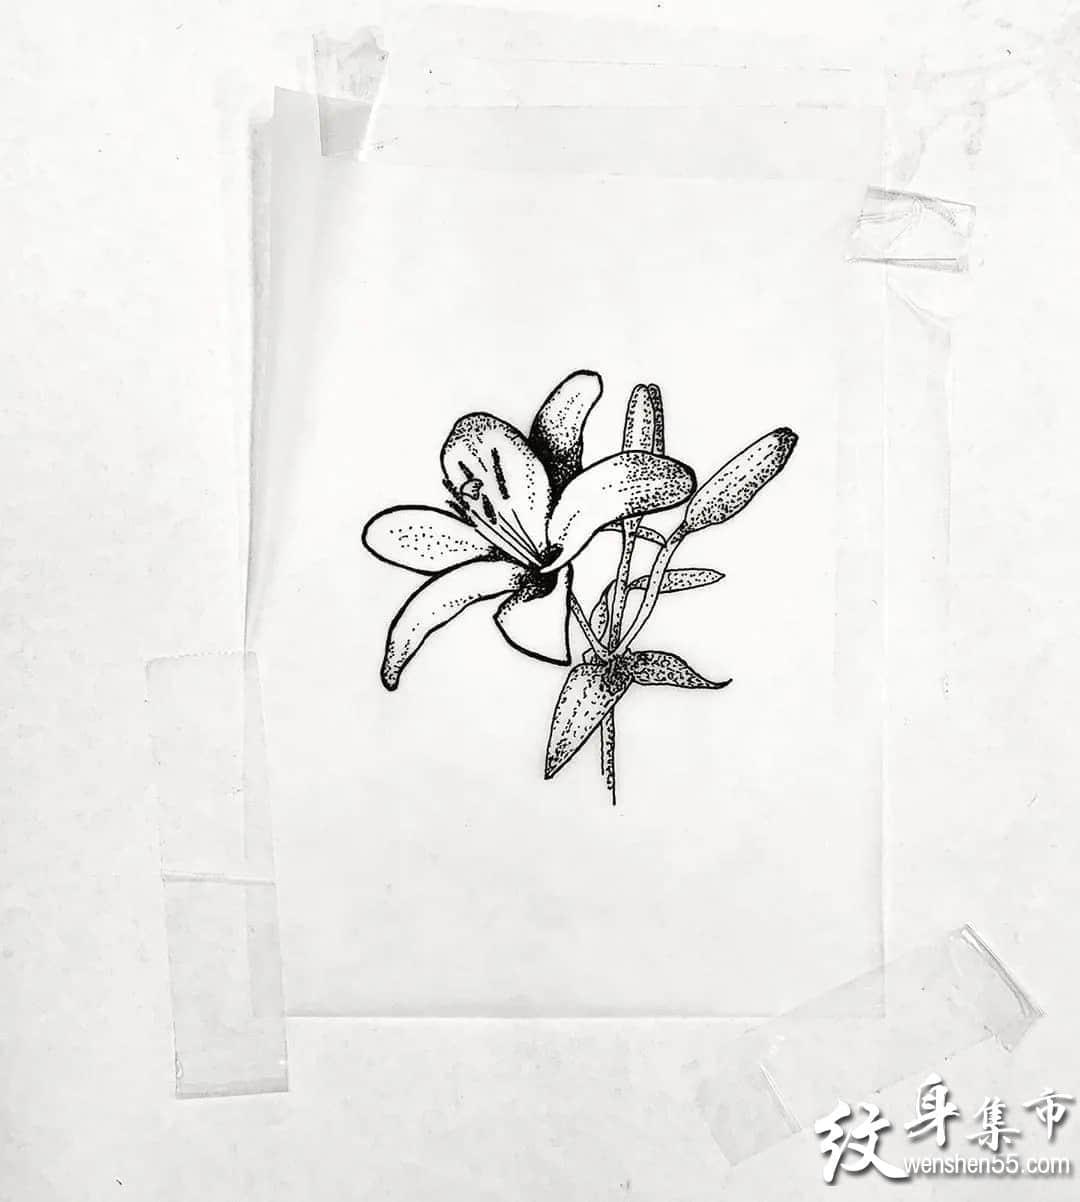 百合花纹身,百合花纹身手稿,百合花纹身手稿图案